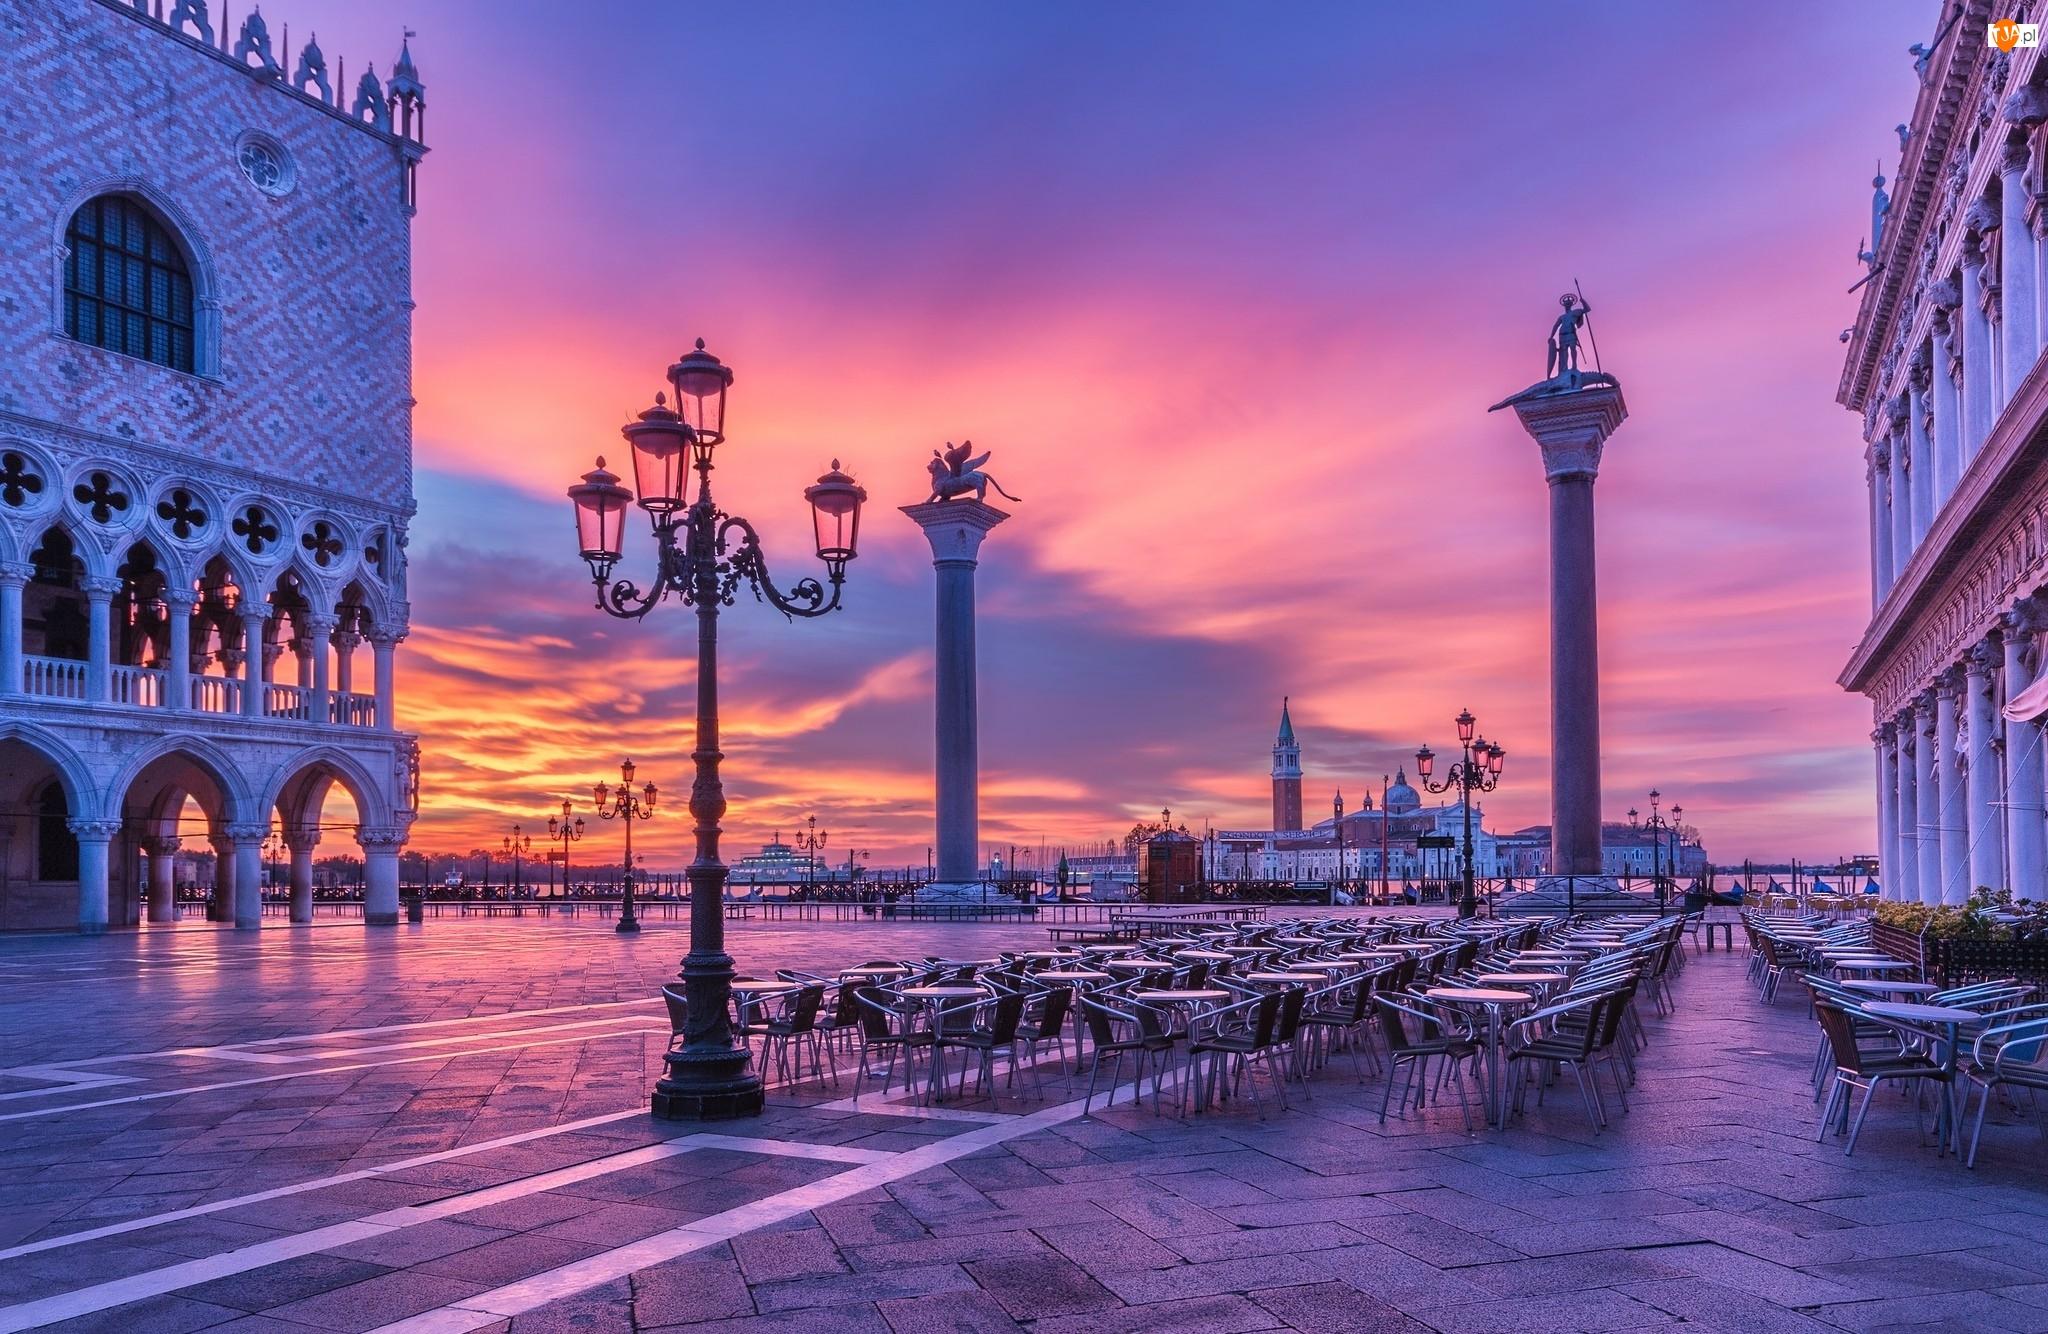 Plac św. Marka, Noc, Włochy, Wschód słońca, Wenecja, Latarnie